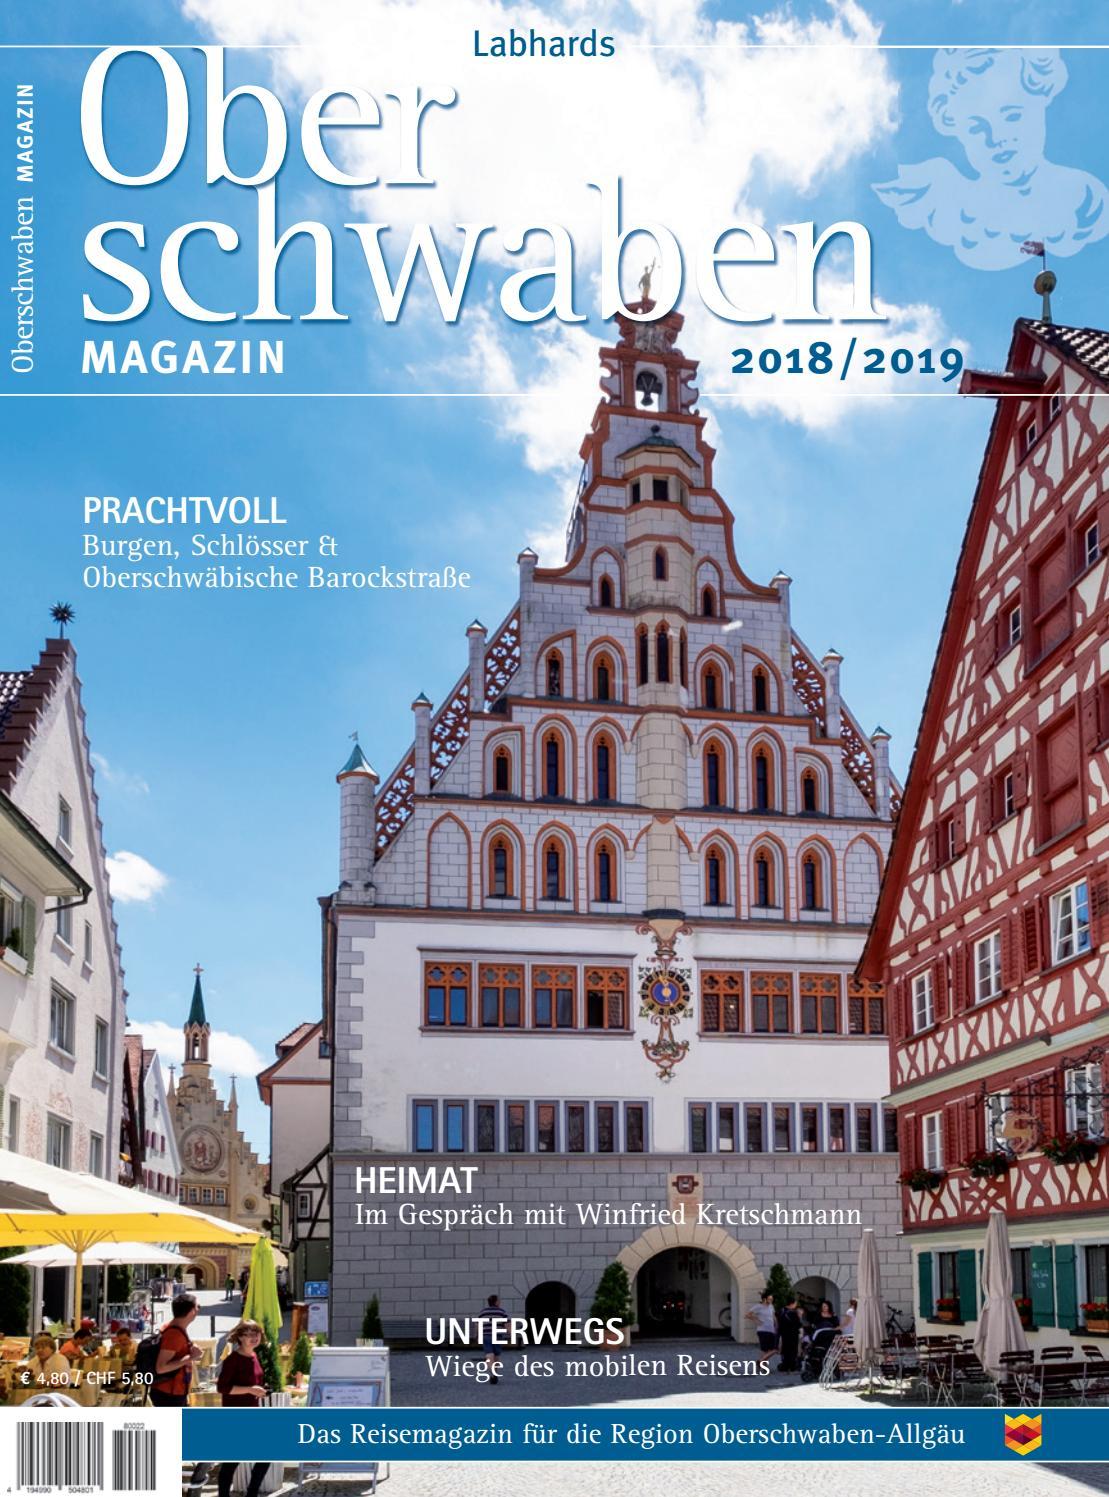 Oberschwaben Magazin 2018 19 By Labhard Me N Issuu